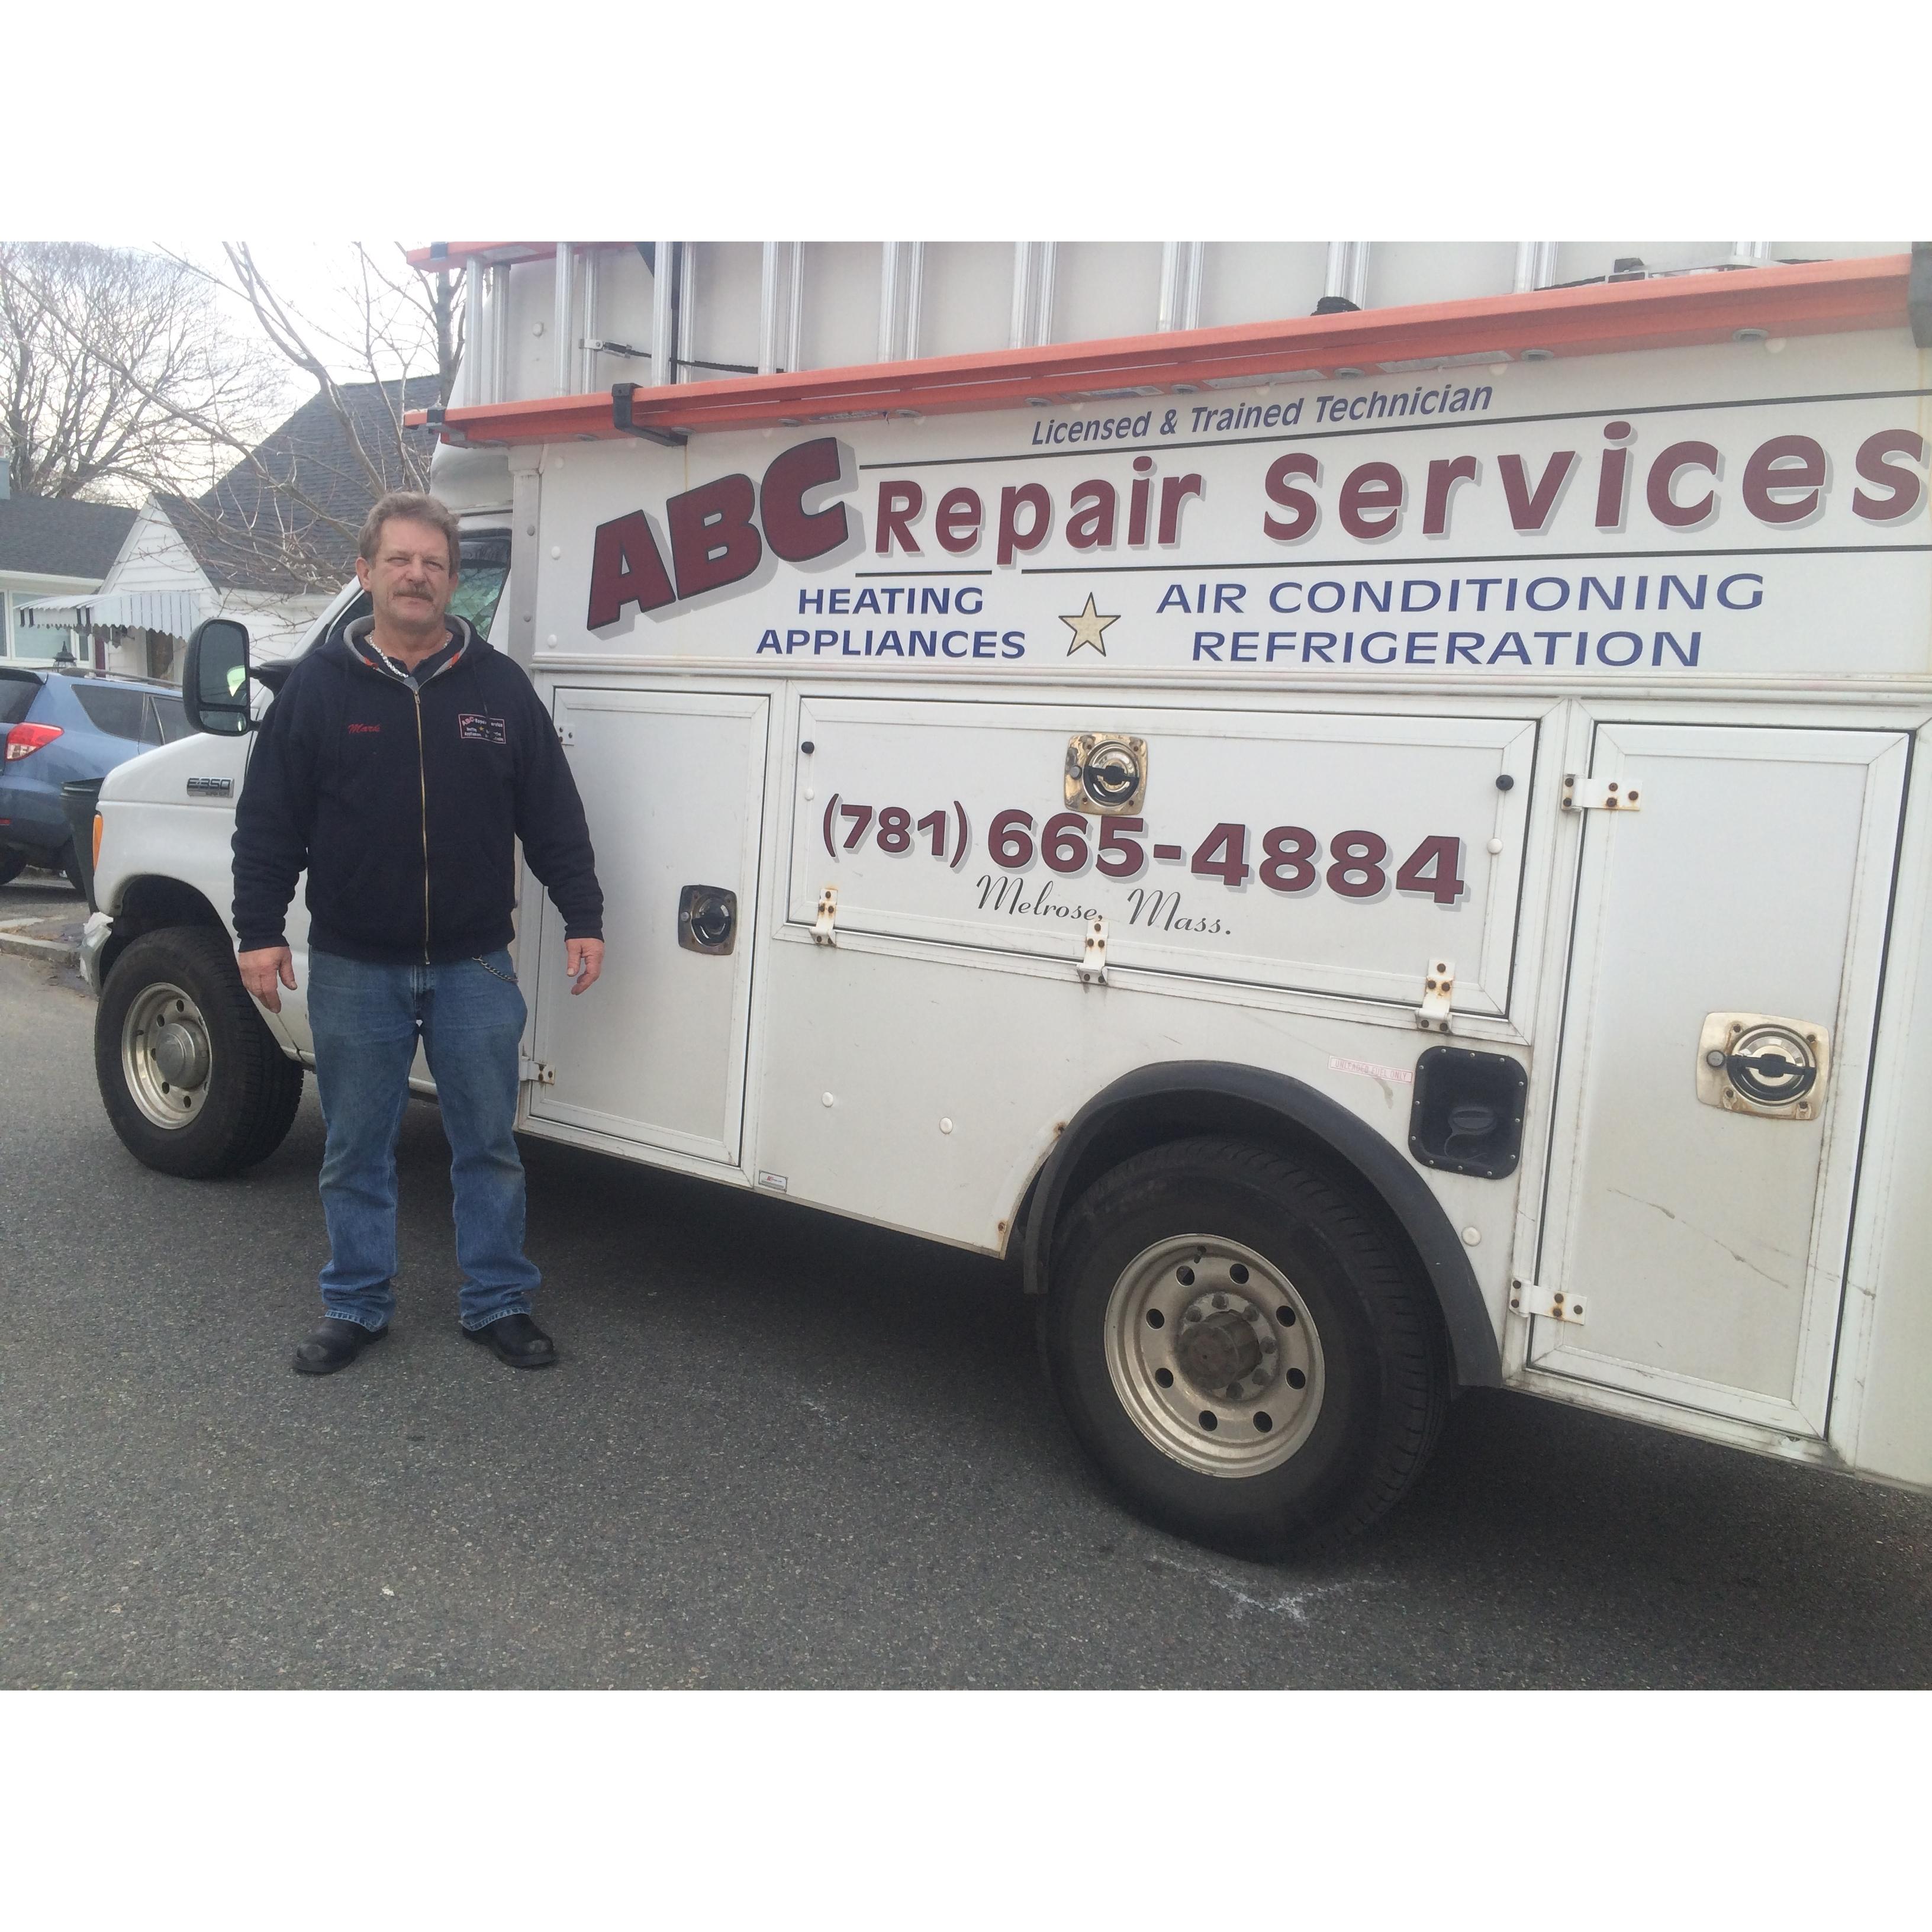 abc repair service